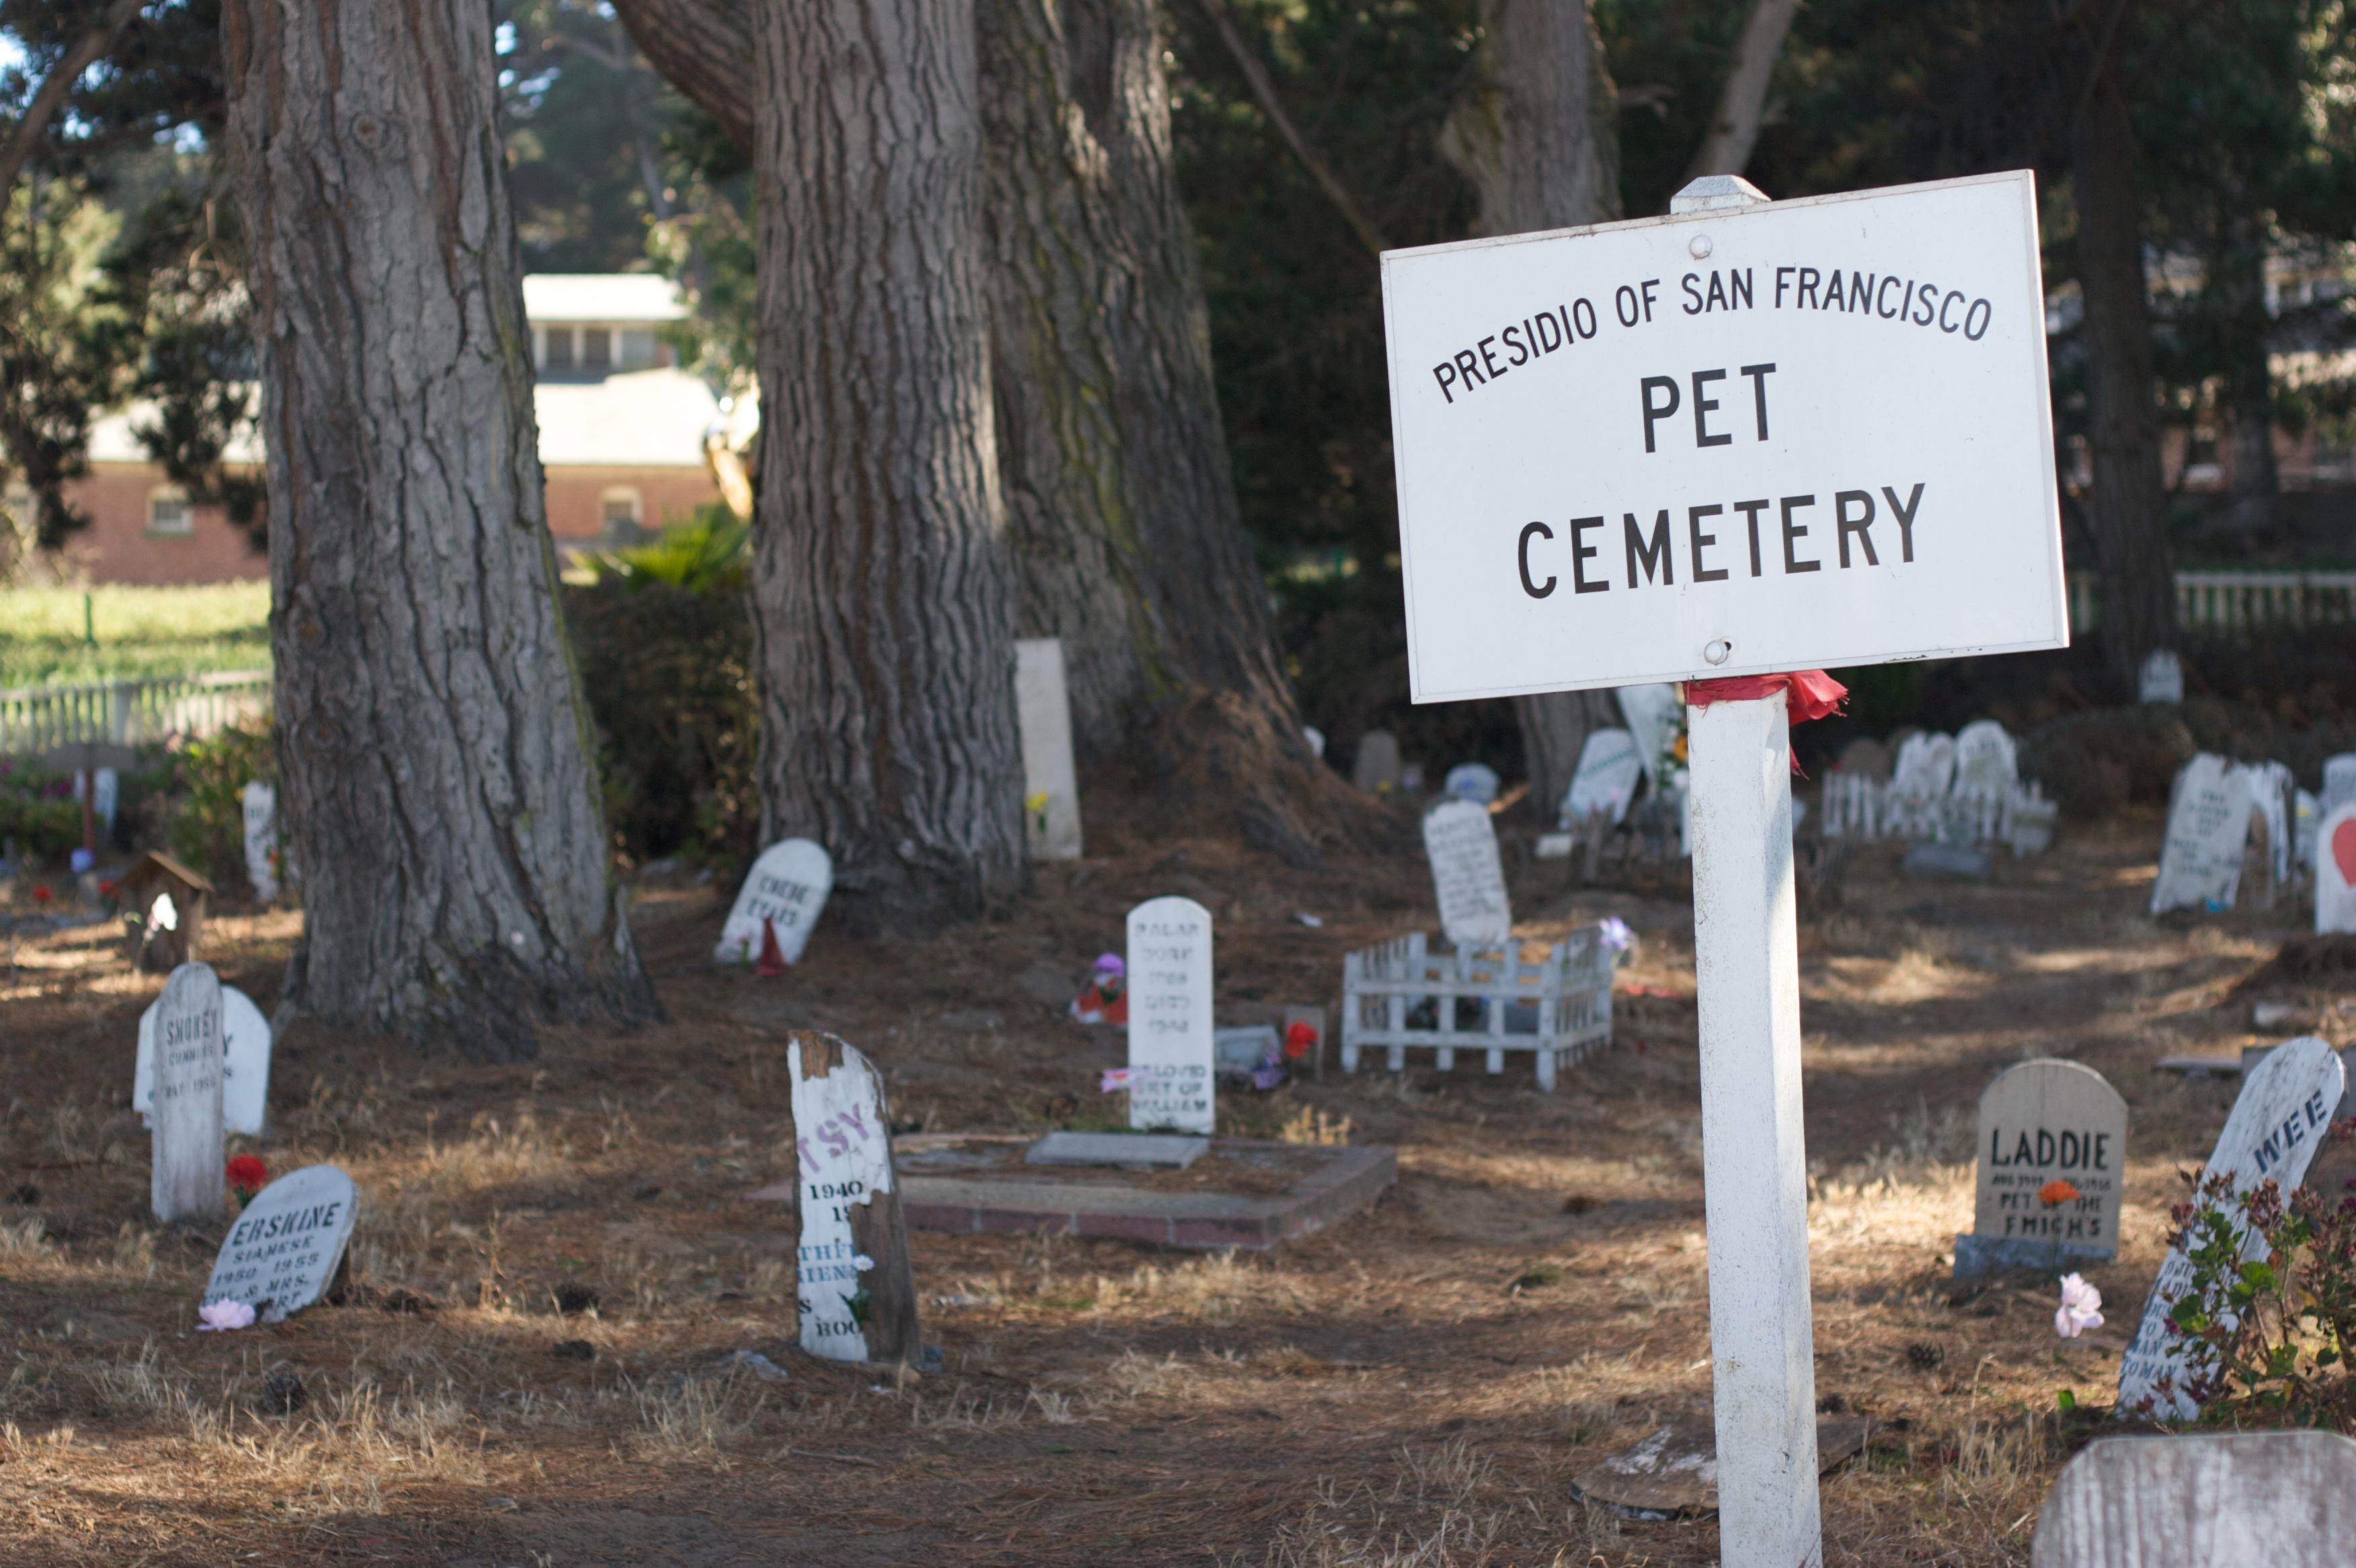 هزینه قبرستان حیوانات